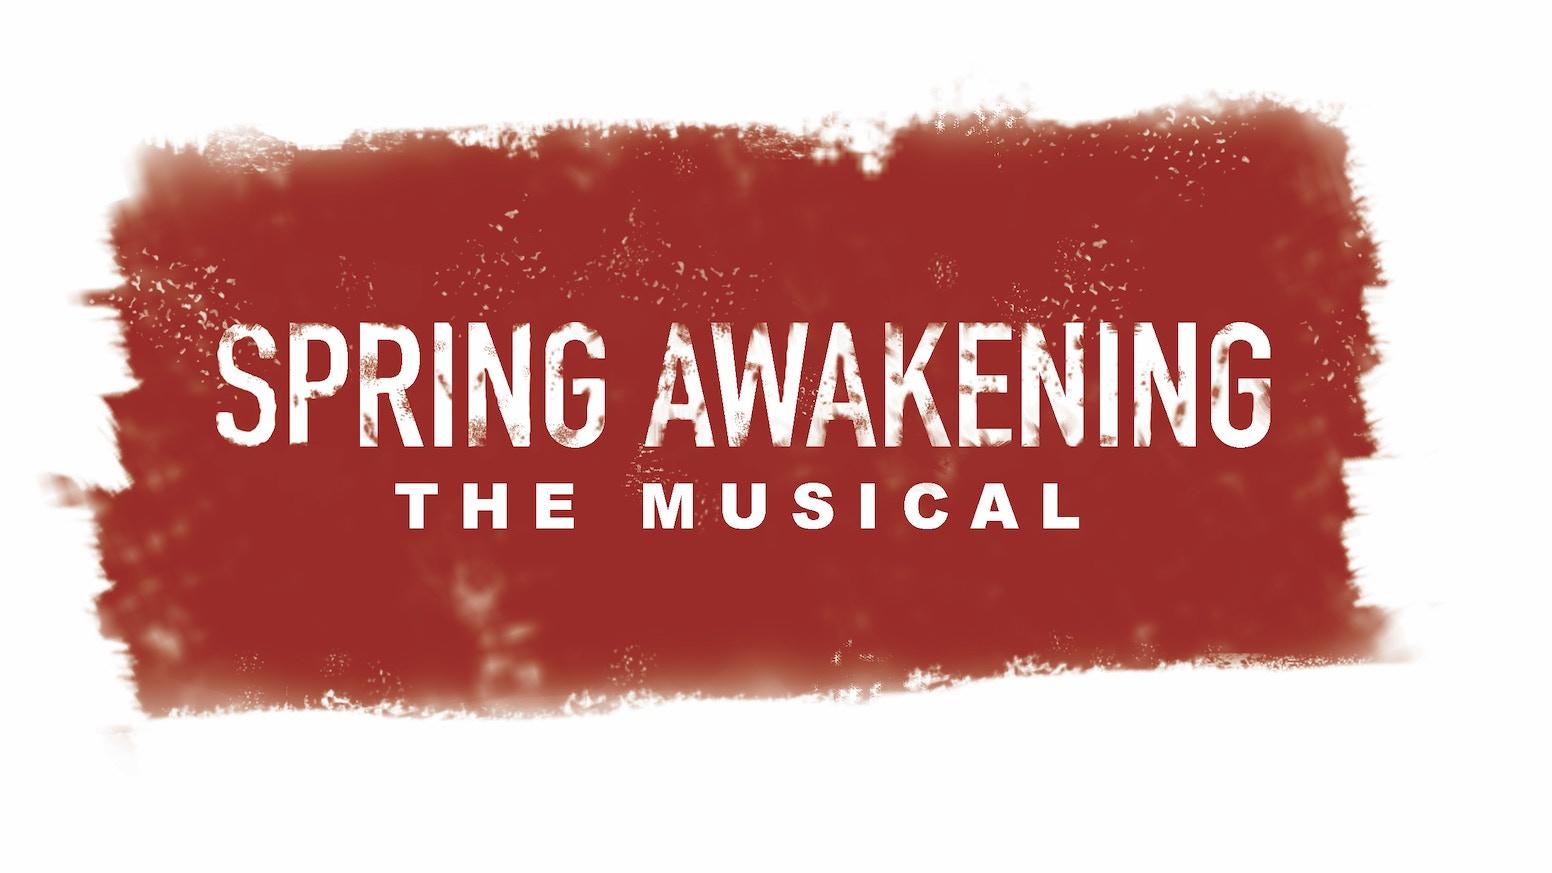 Spring Awakening The Musical by Holly Lewis — Kickstarter